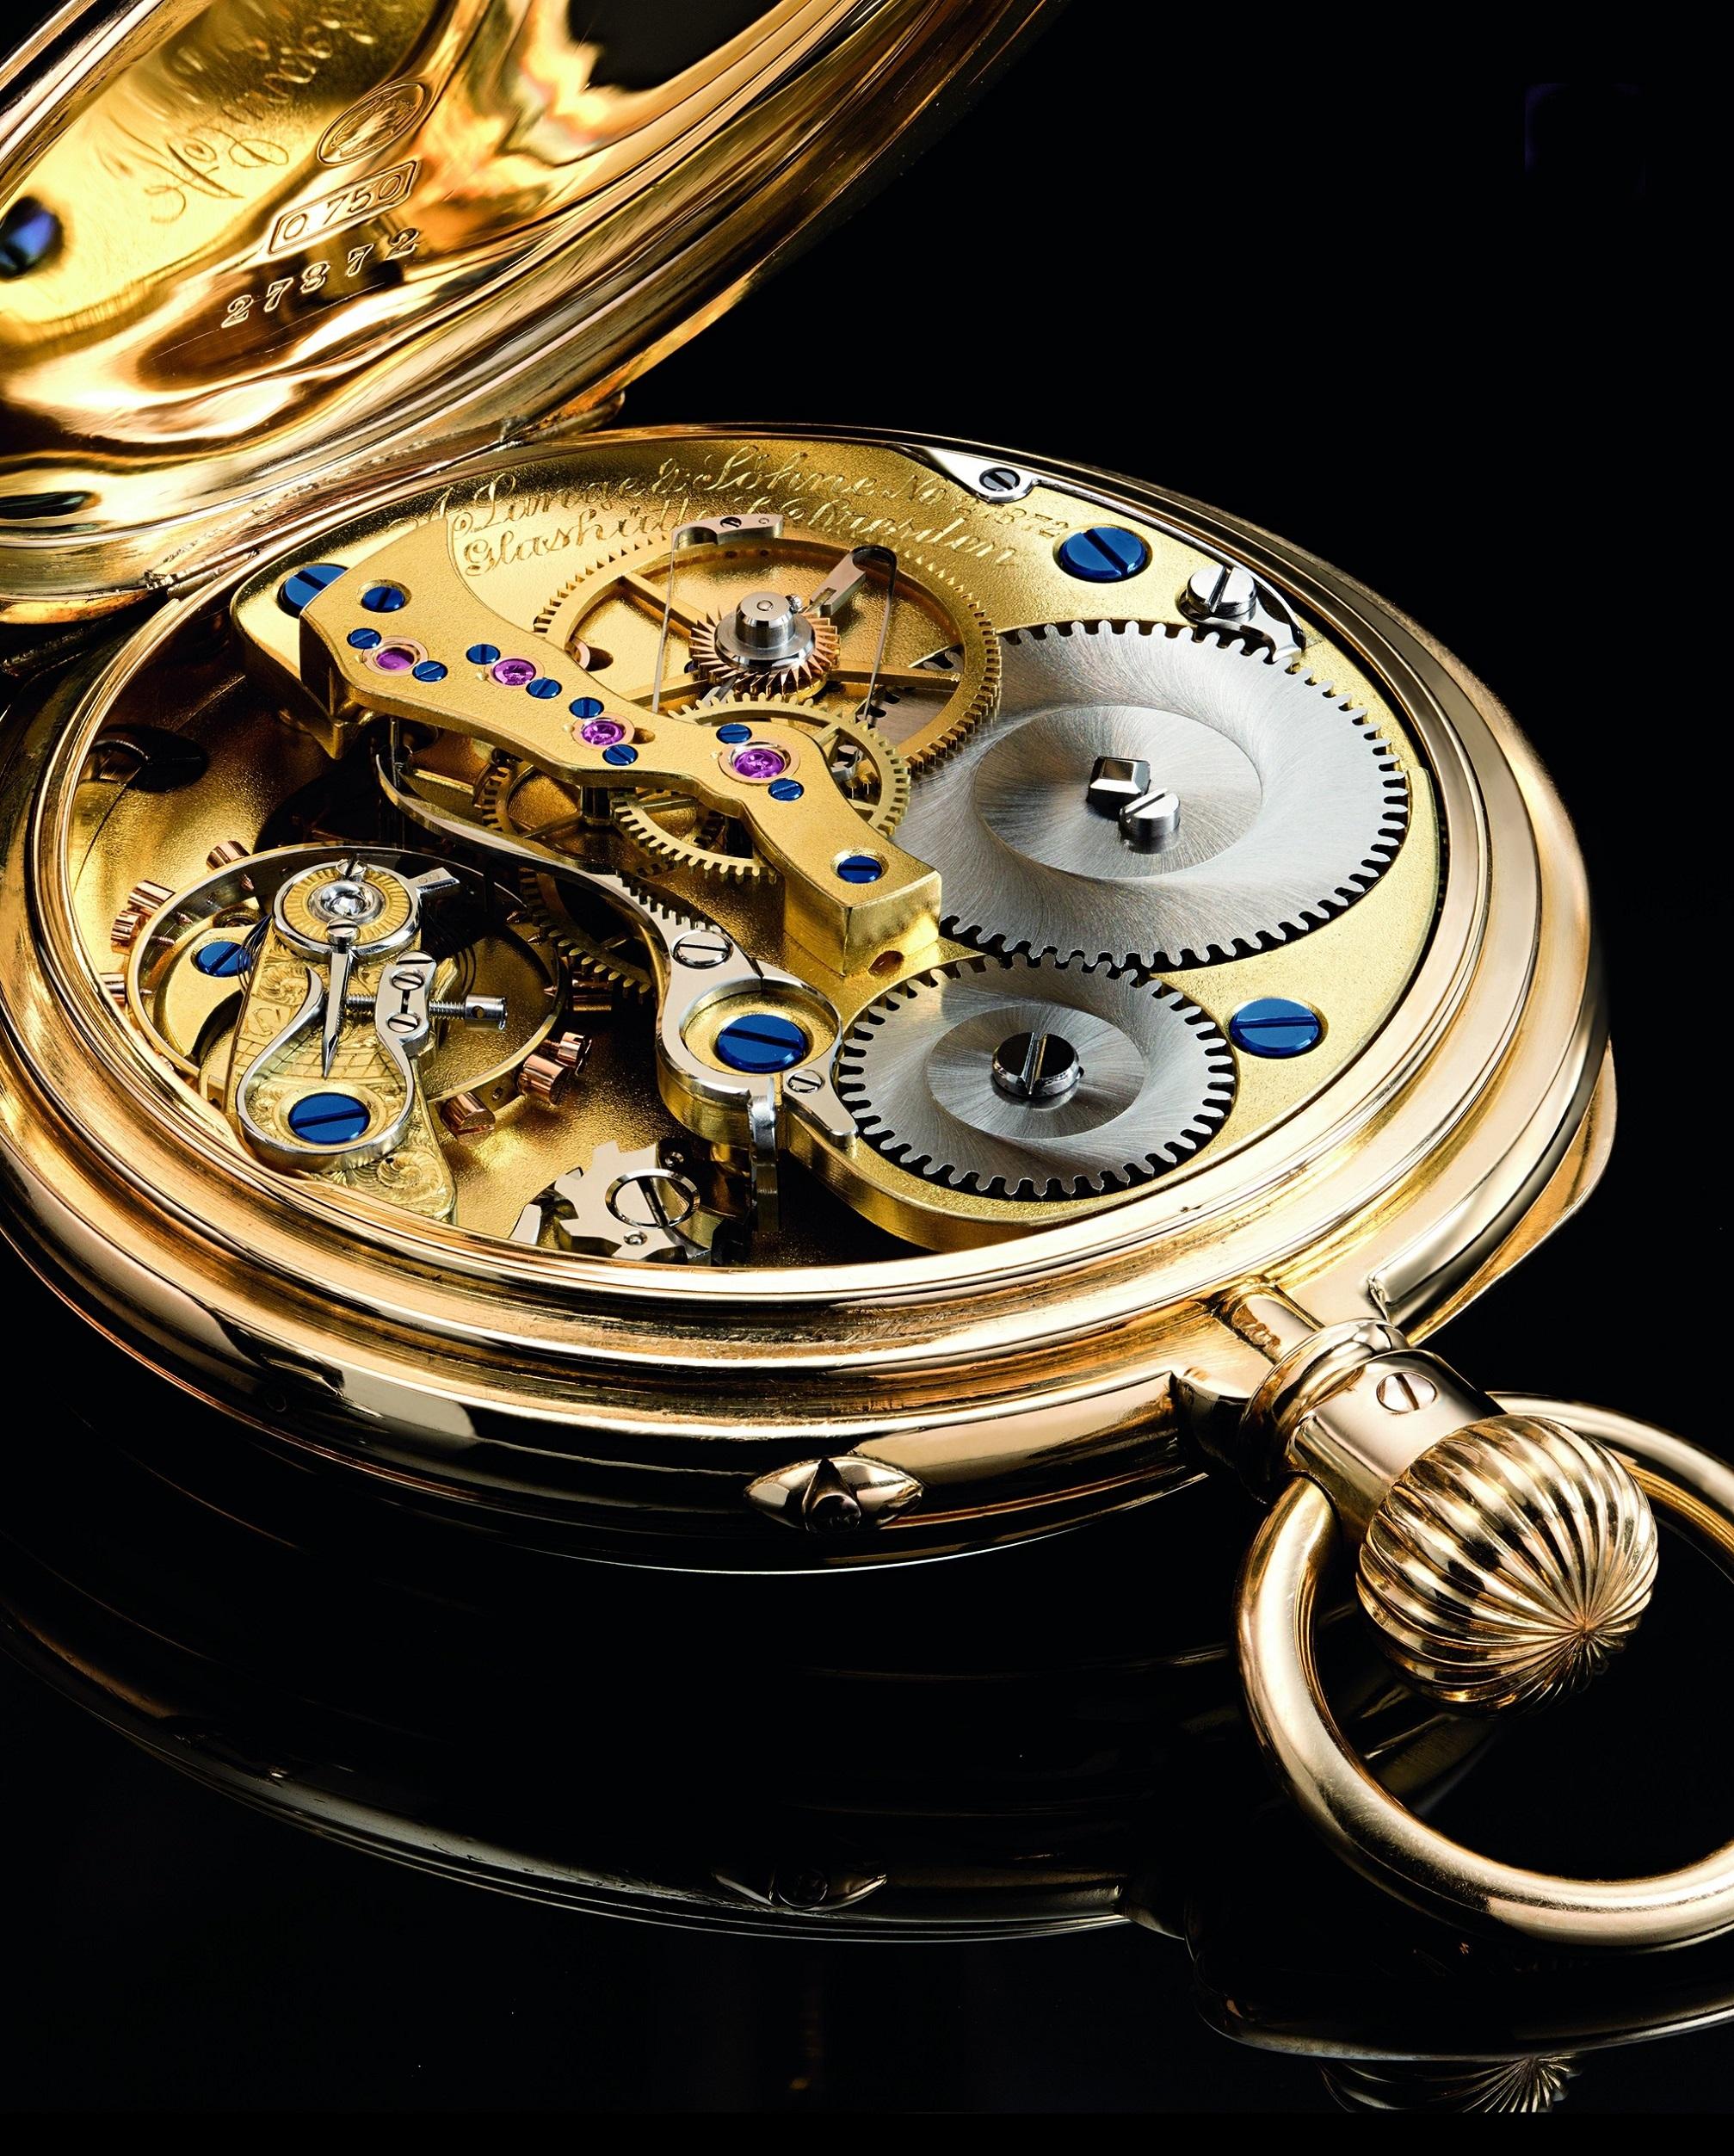 Homage to Walter Lange pocket watch